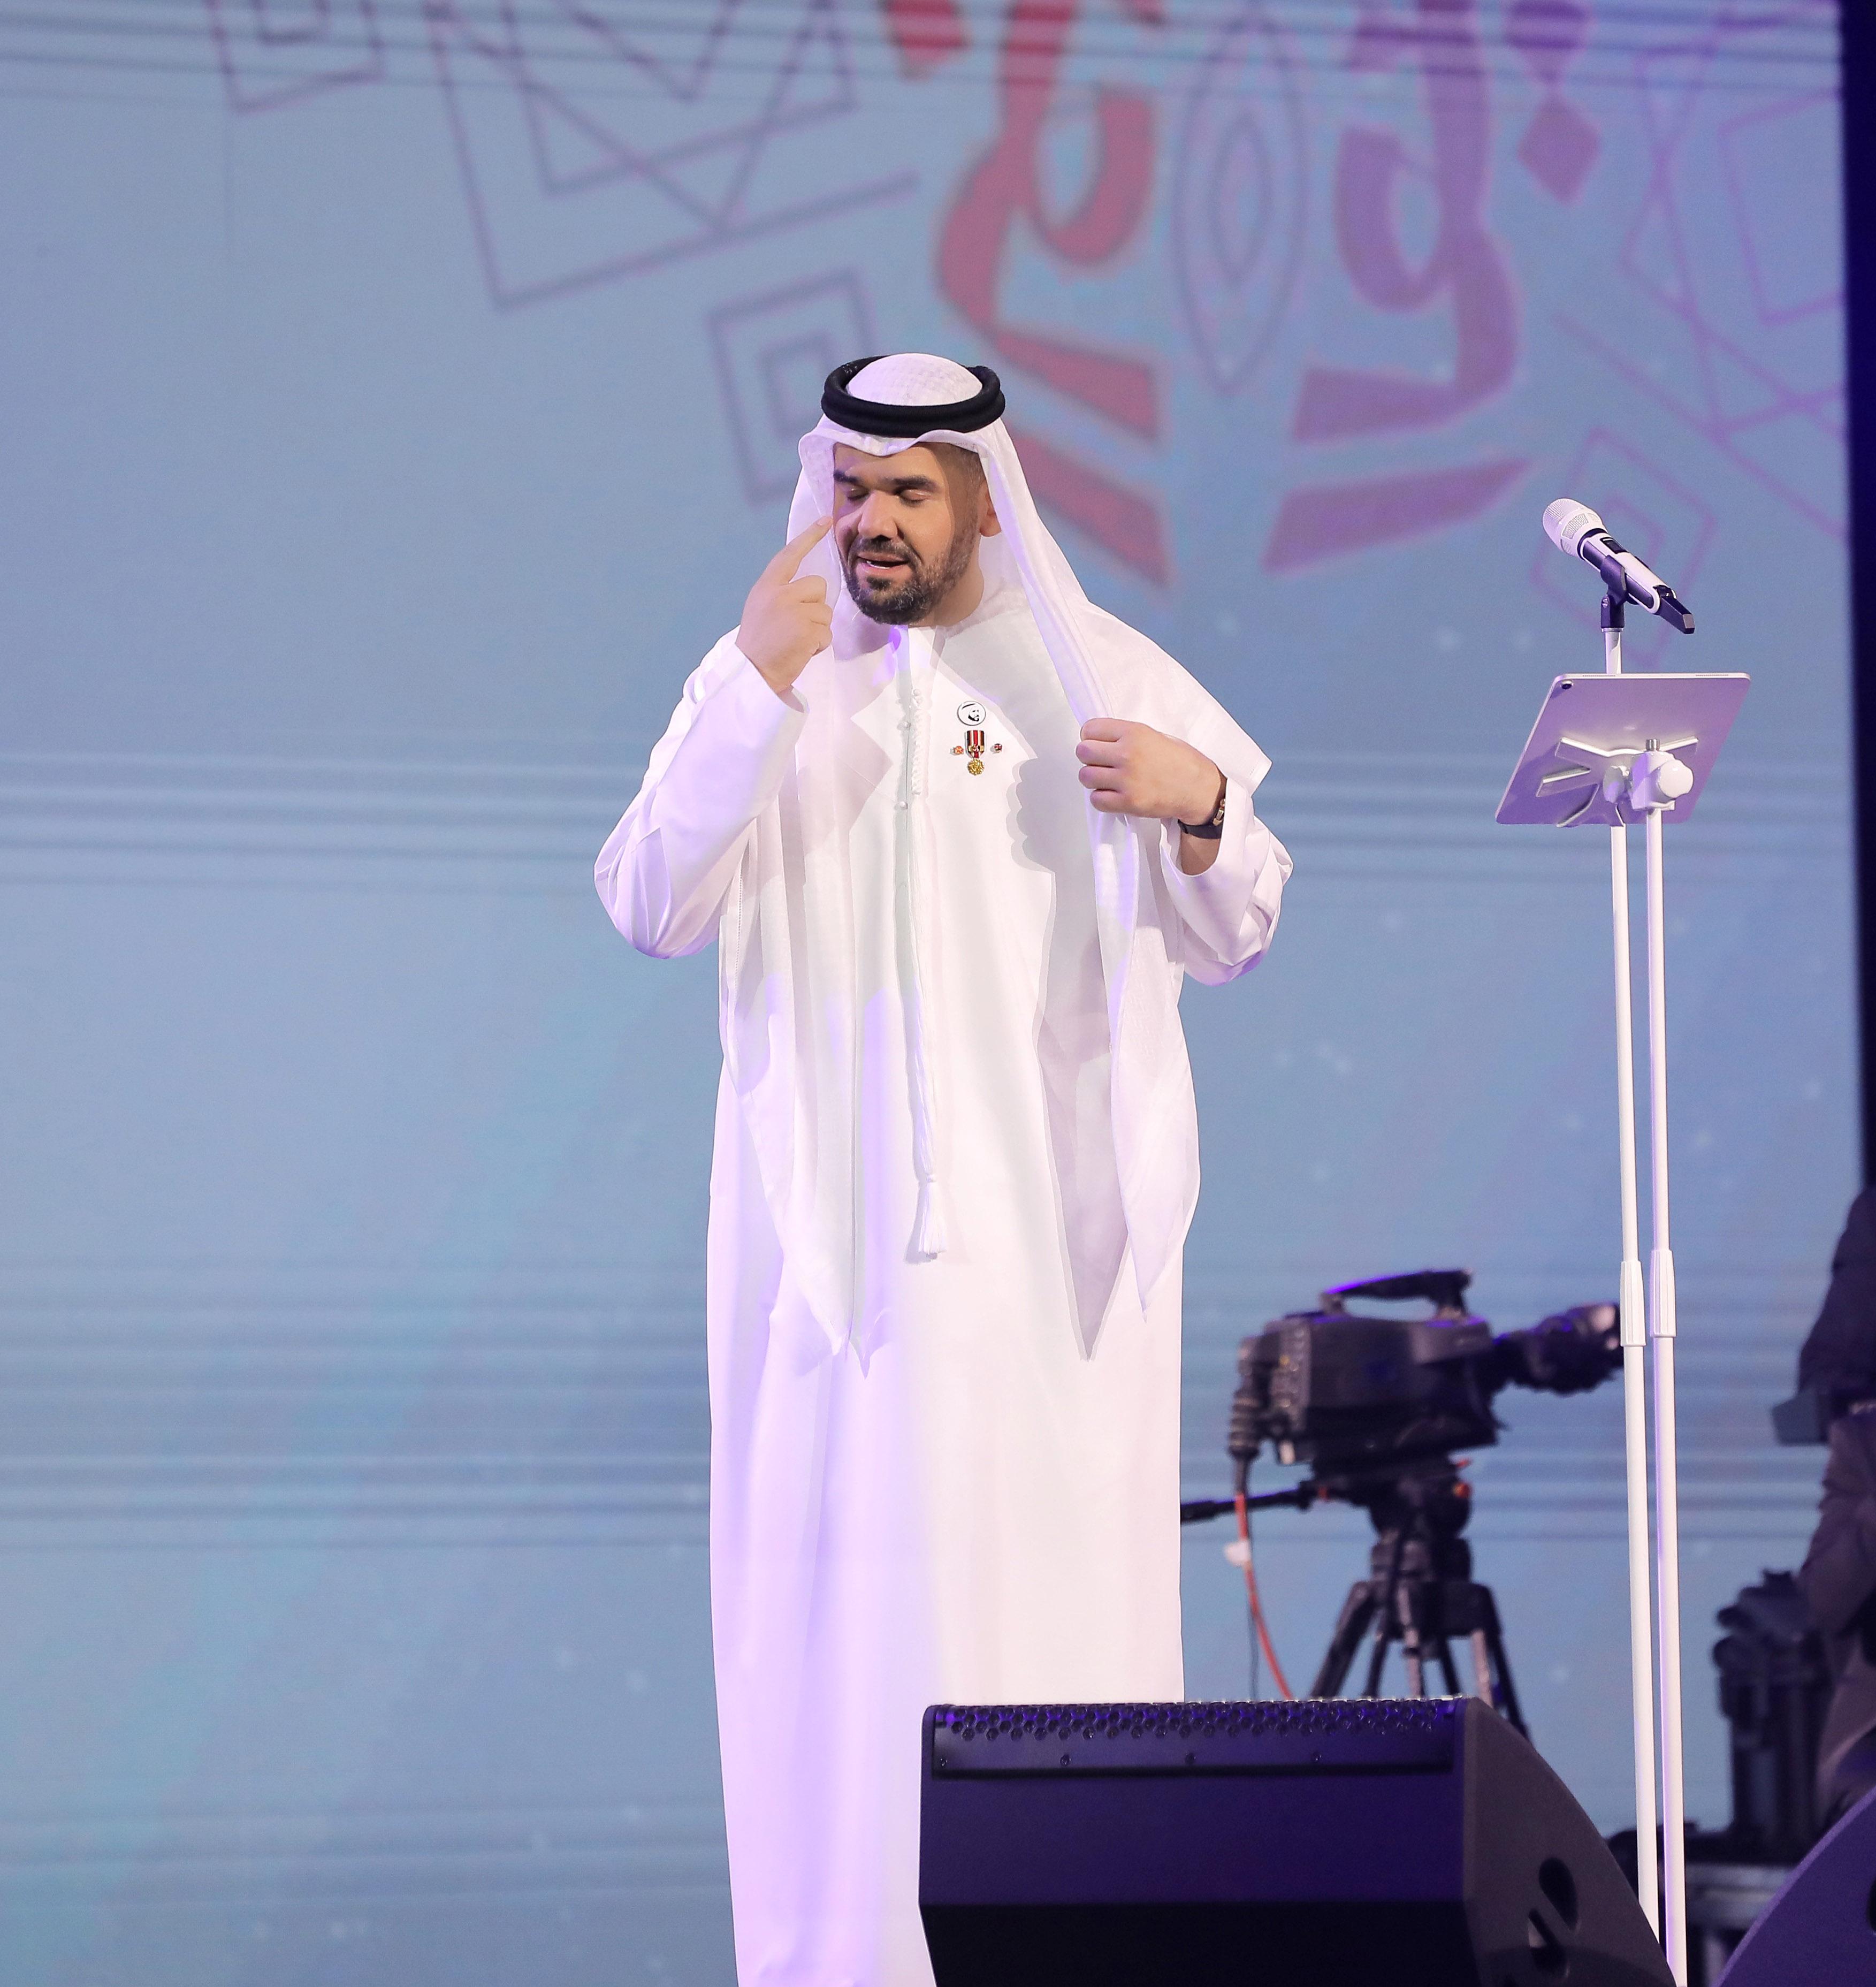 حسين الجسمى بحفل السعودية